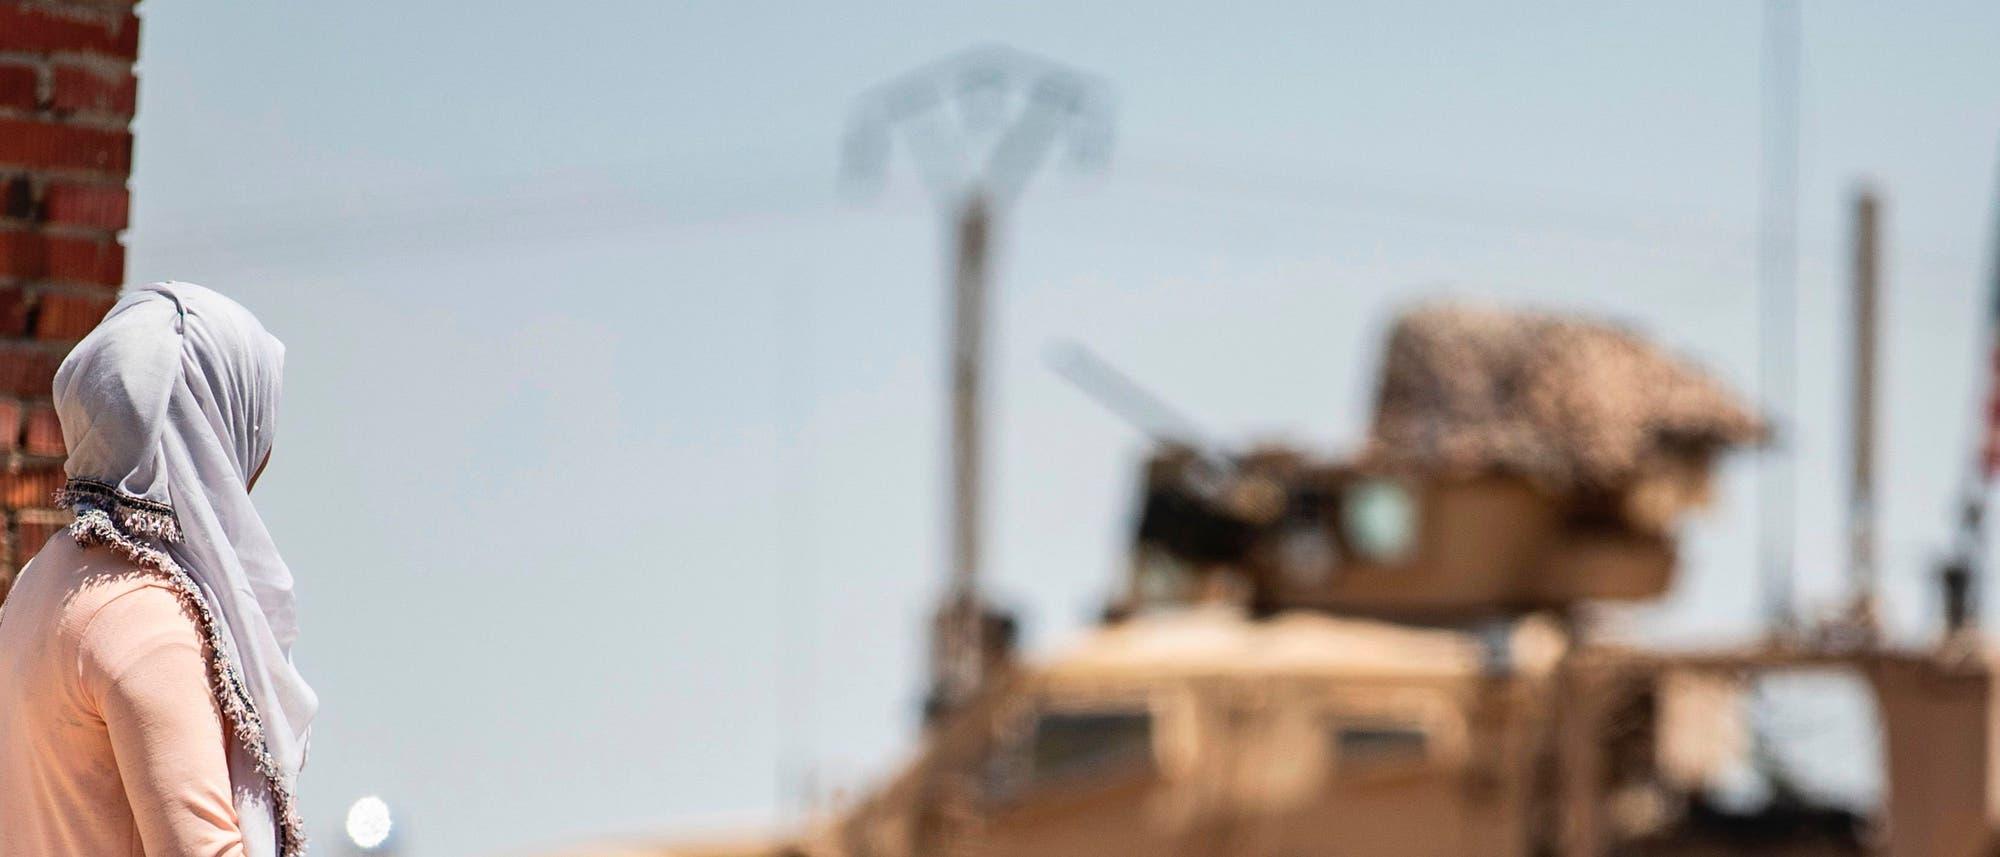 Menschen in Syrien beobachten ein US-Militärfahrzeug.